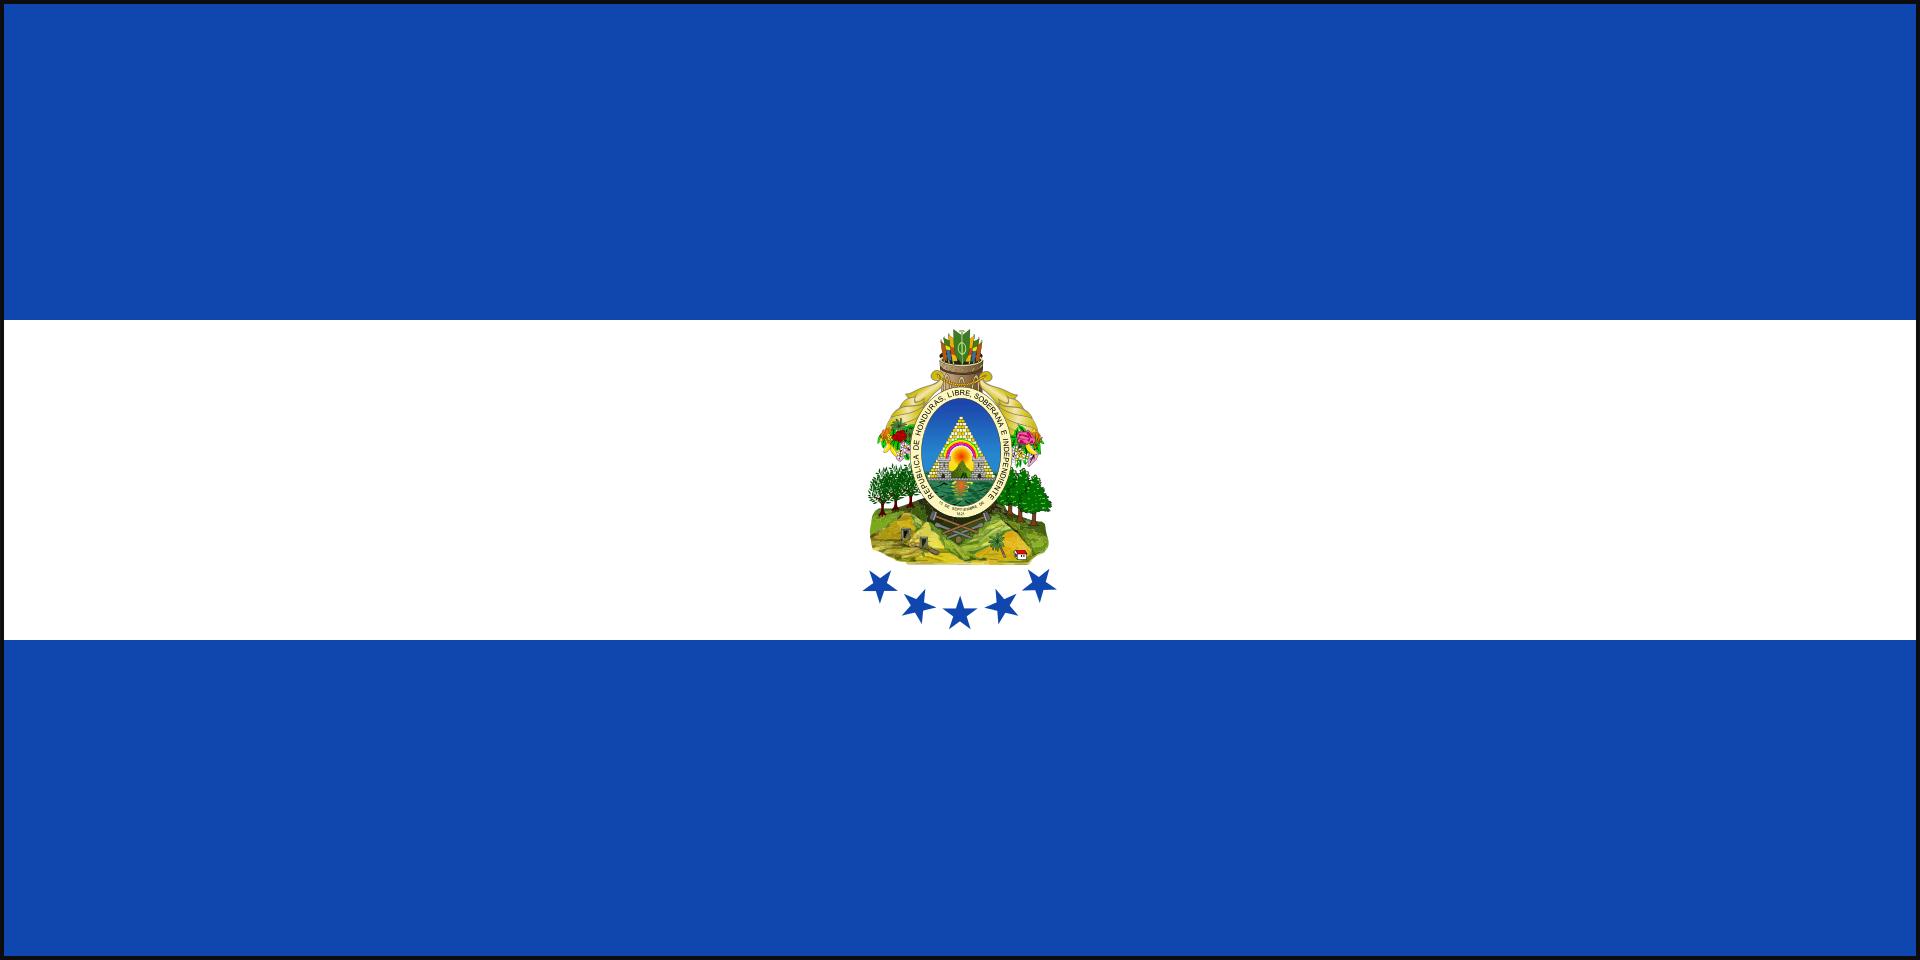 Honduras marinevlag